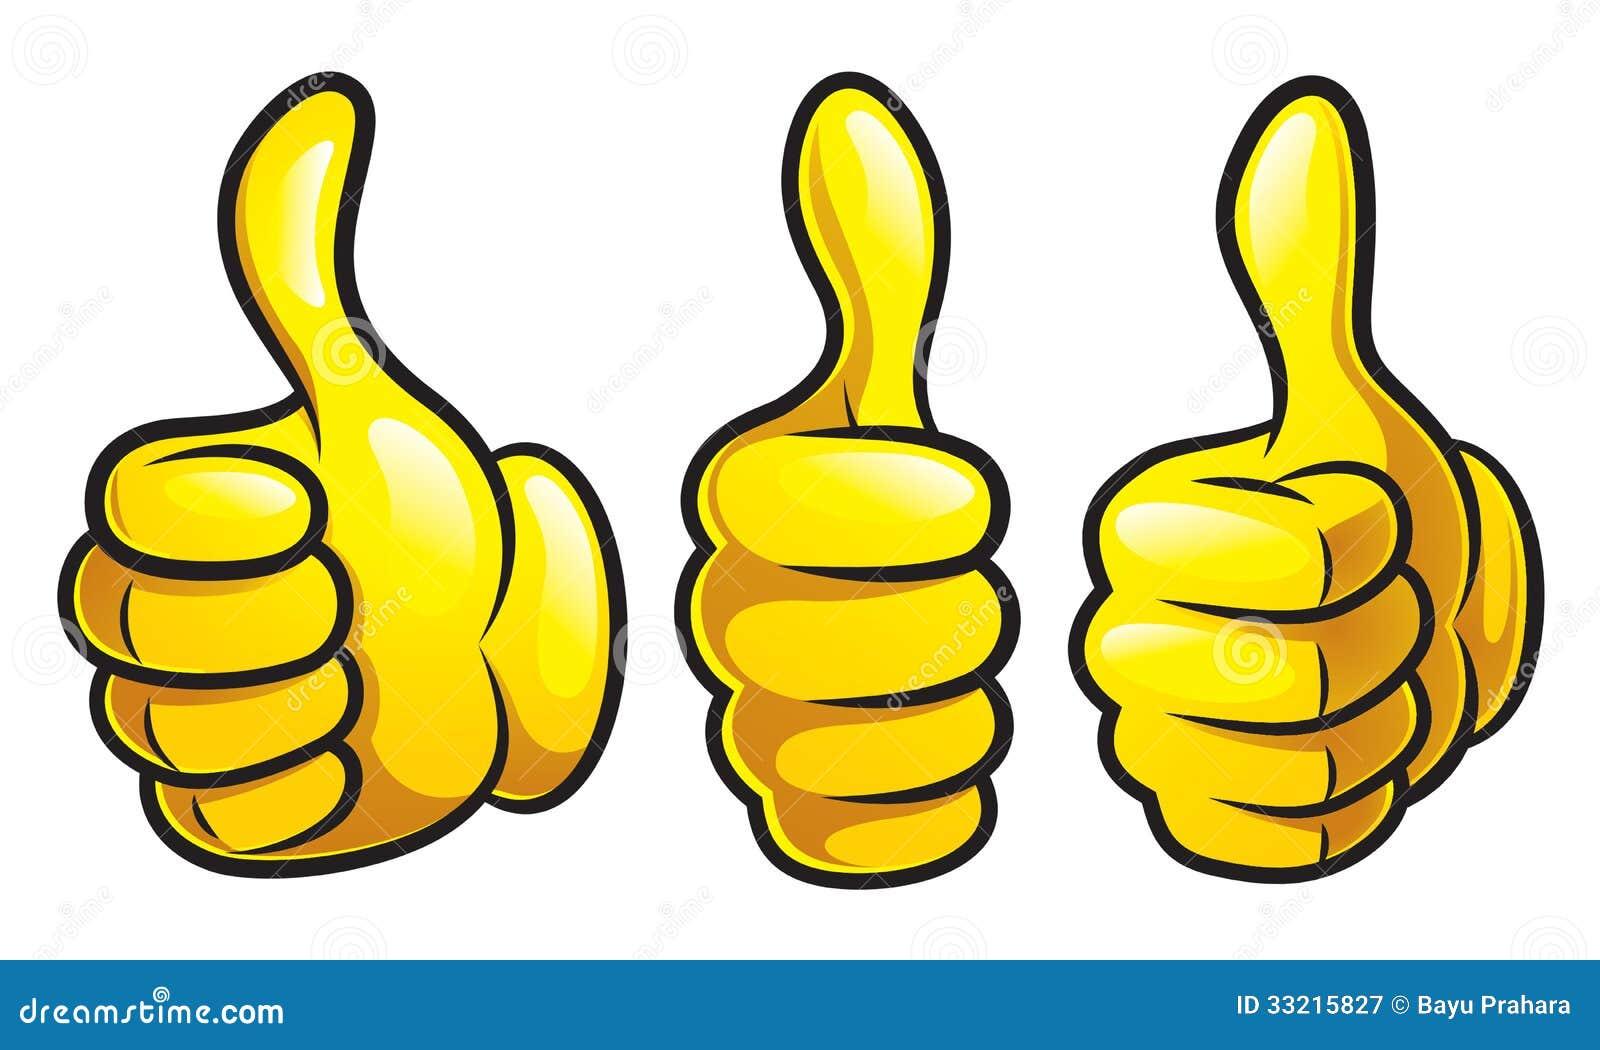 thumbs up style illustration.